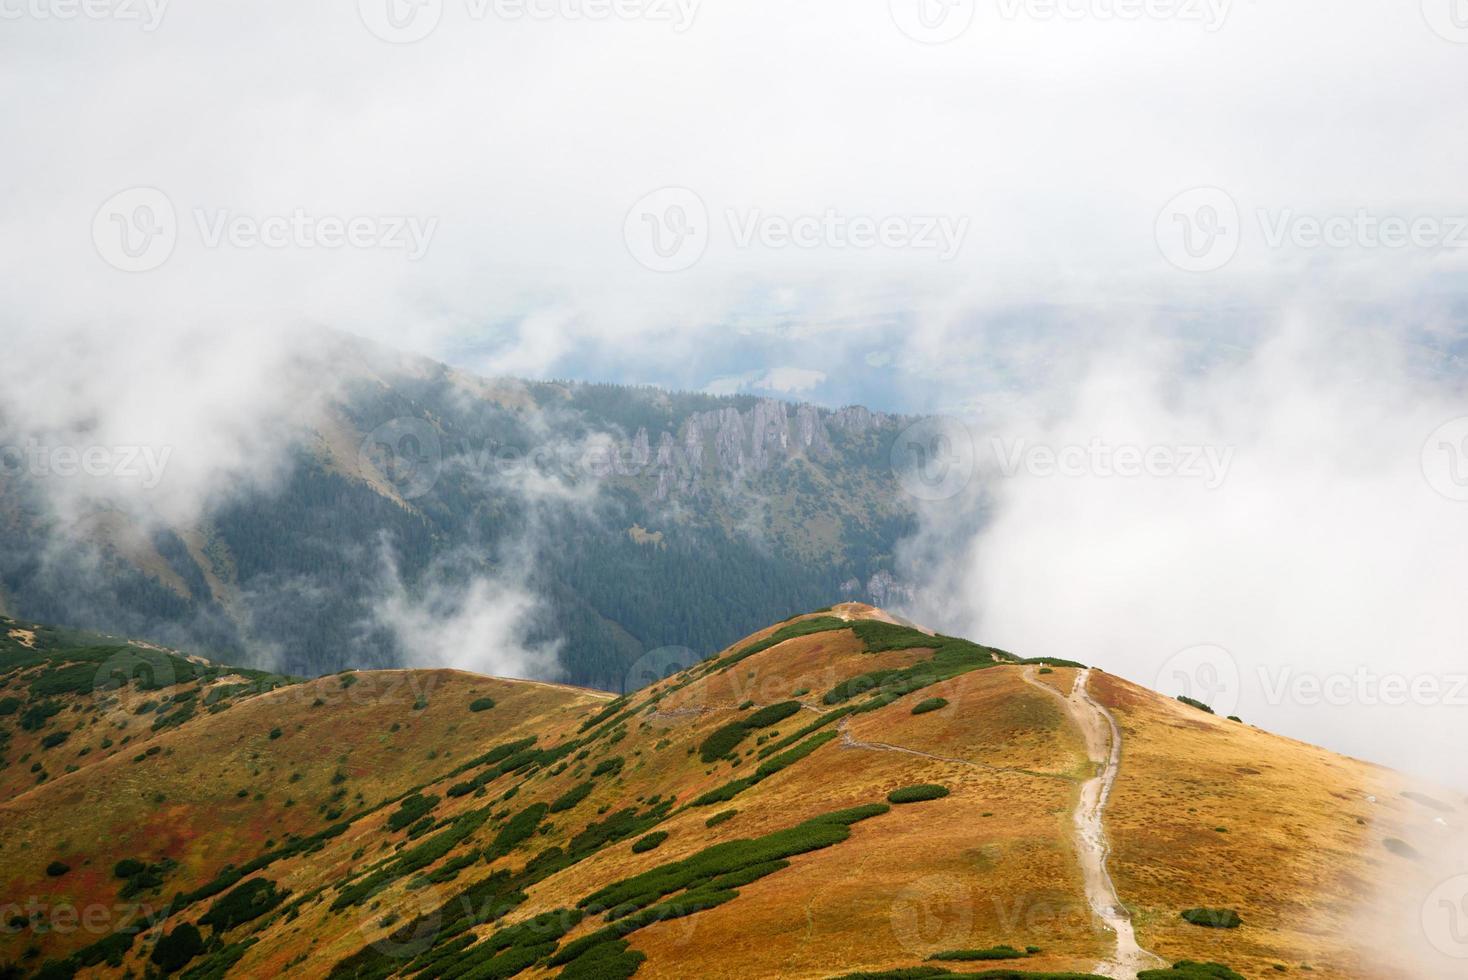 escalando volovec nas montanhas tatra foto